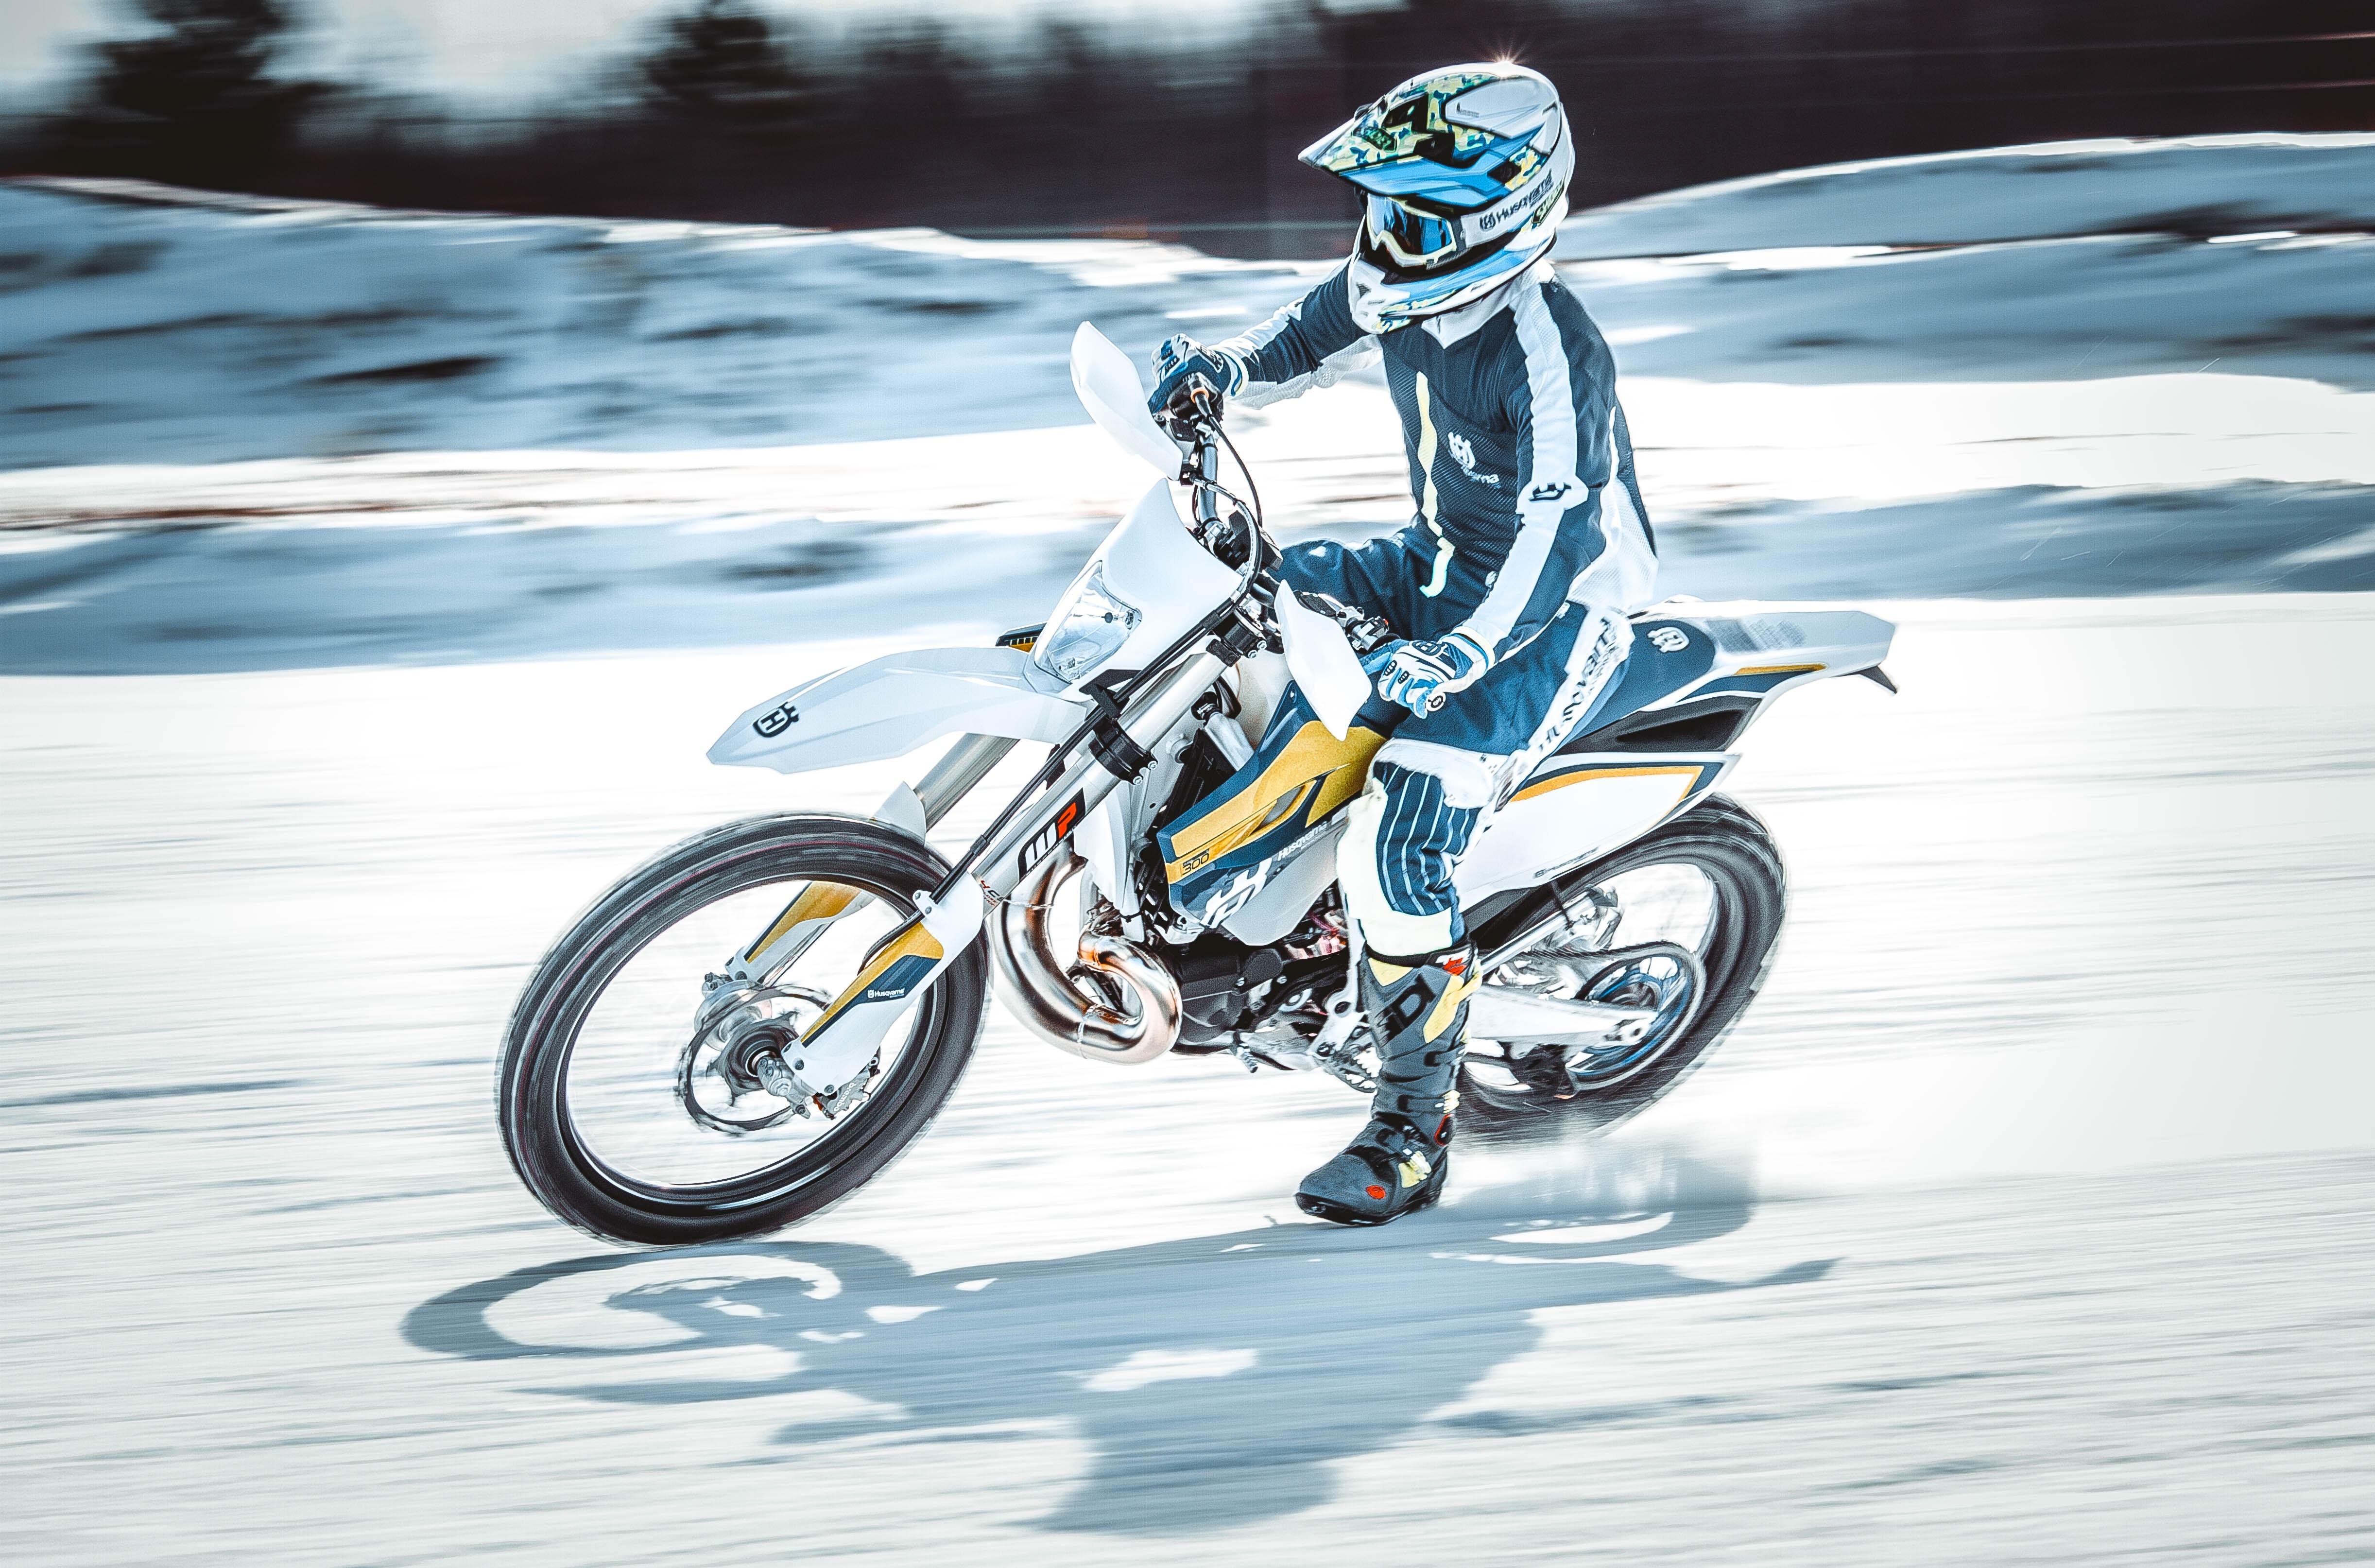 Les 5 conseils pour utiliser sa moto par temps froid for Deplacer sa moto dans un garage